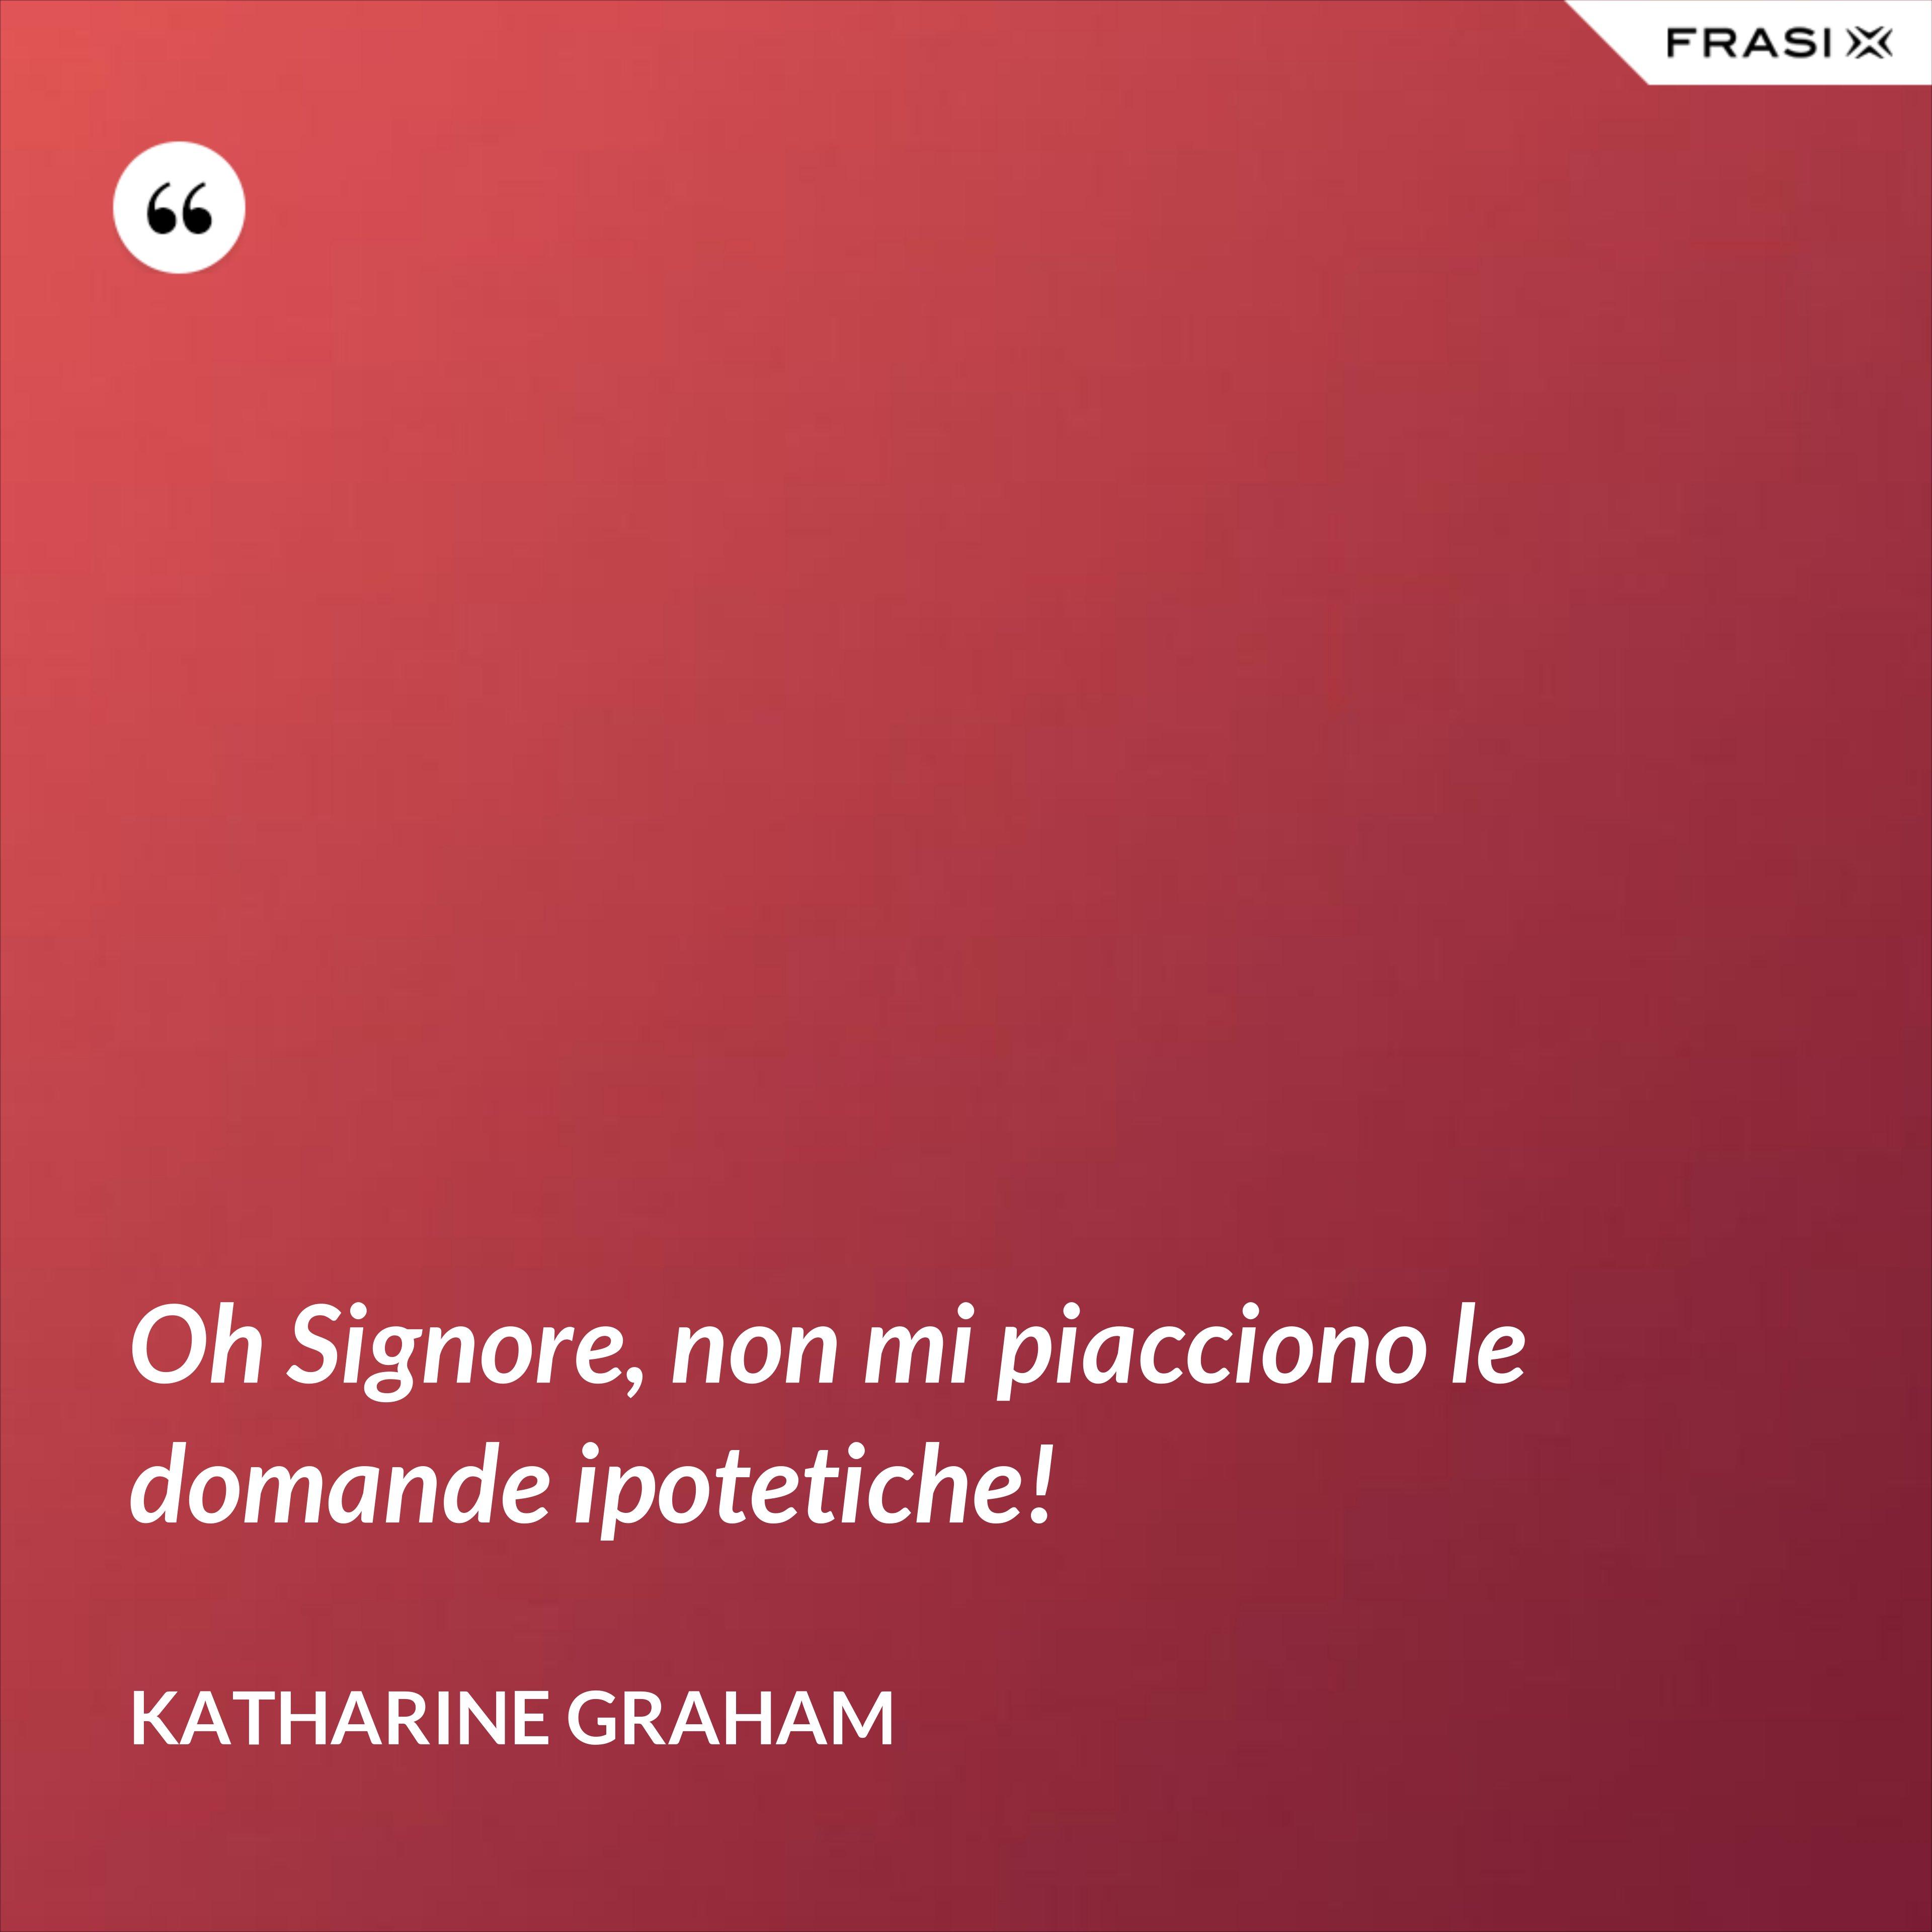 Oh Signore, non mi piacciono le domande ipotetiche! - Katharine Graham